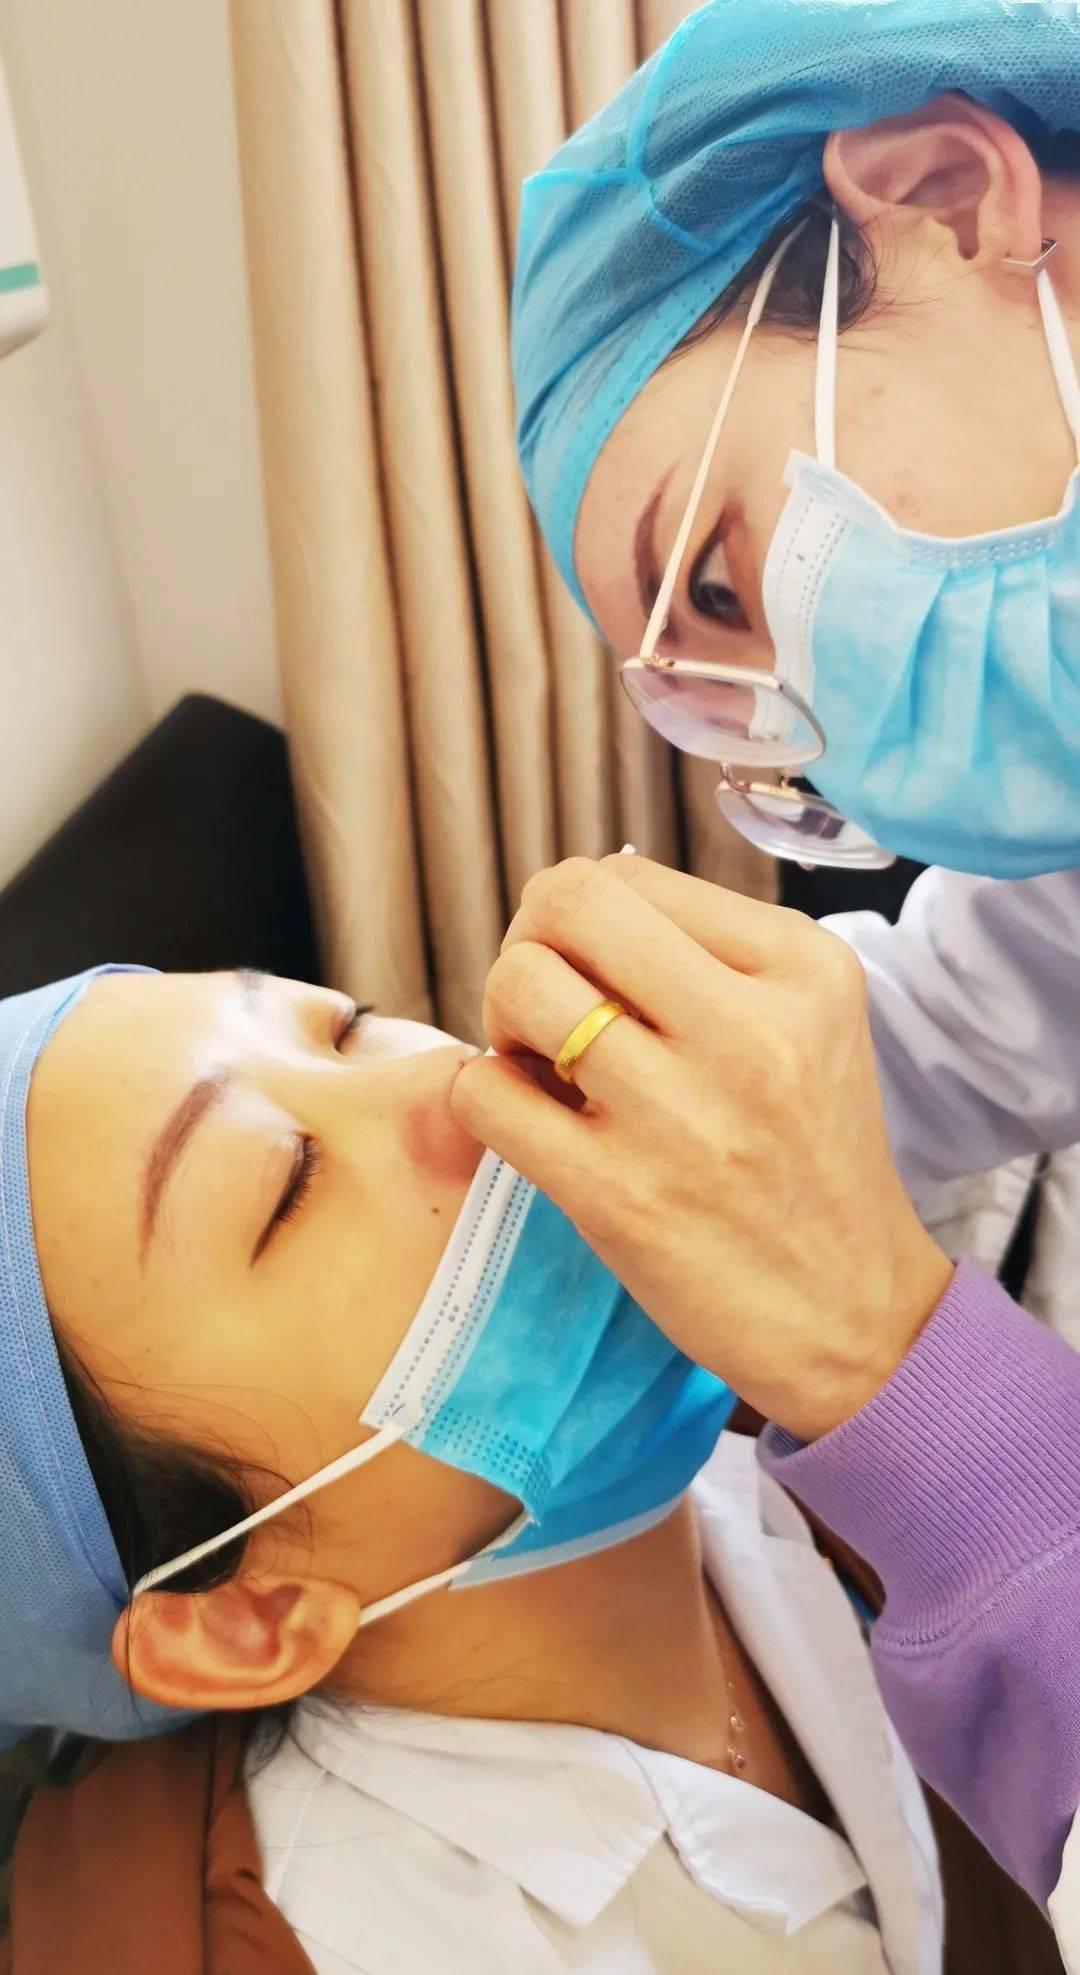 强化防控精准采样 宣武中医医院开展鼻咽拭子采集实操演练